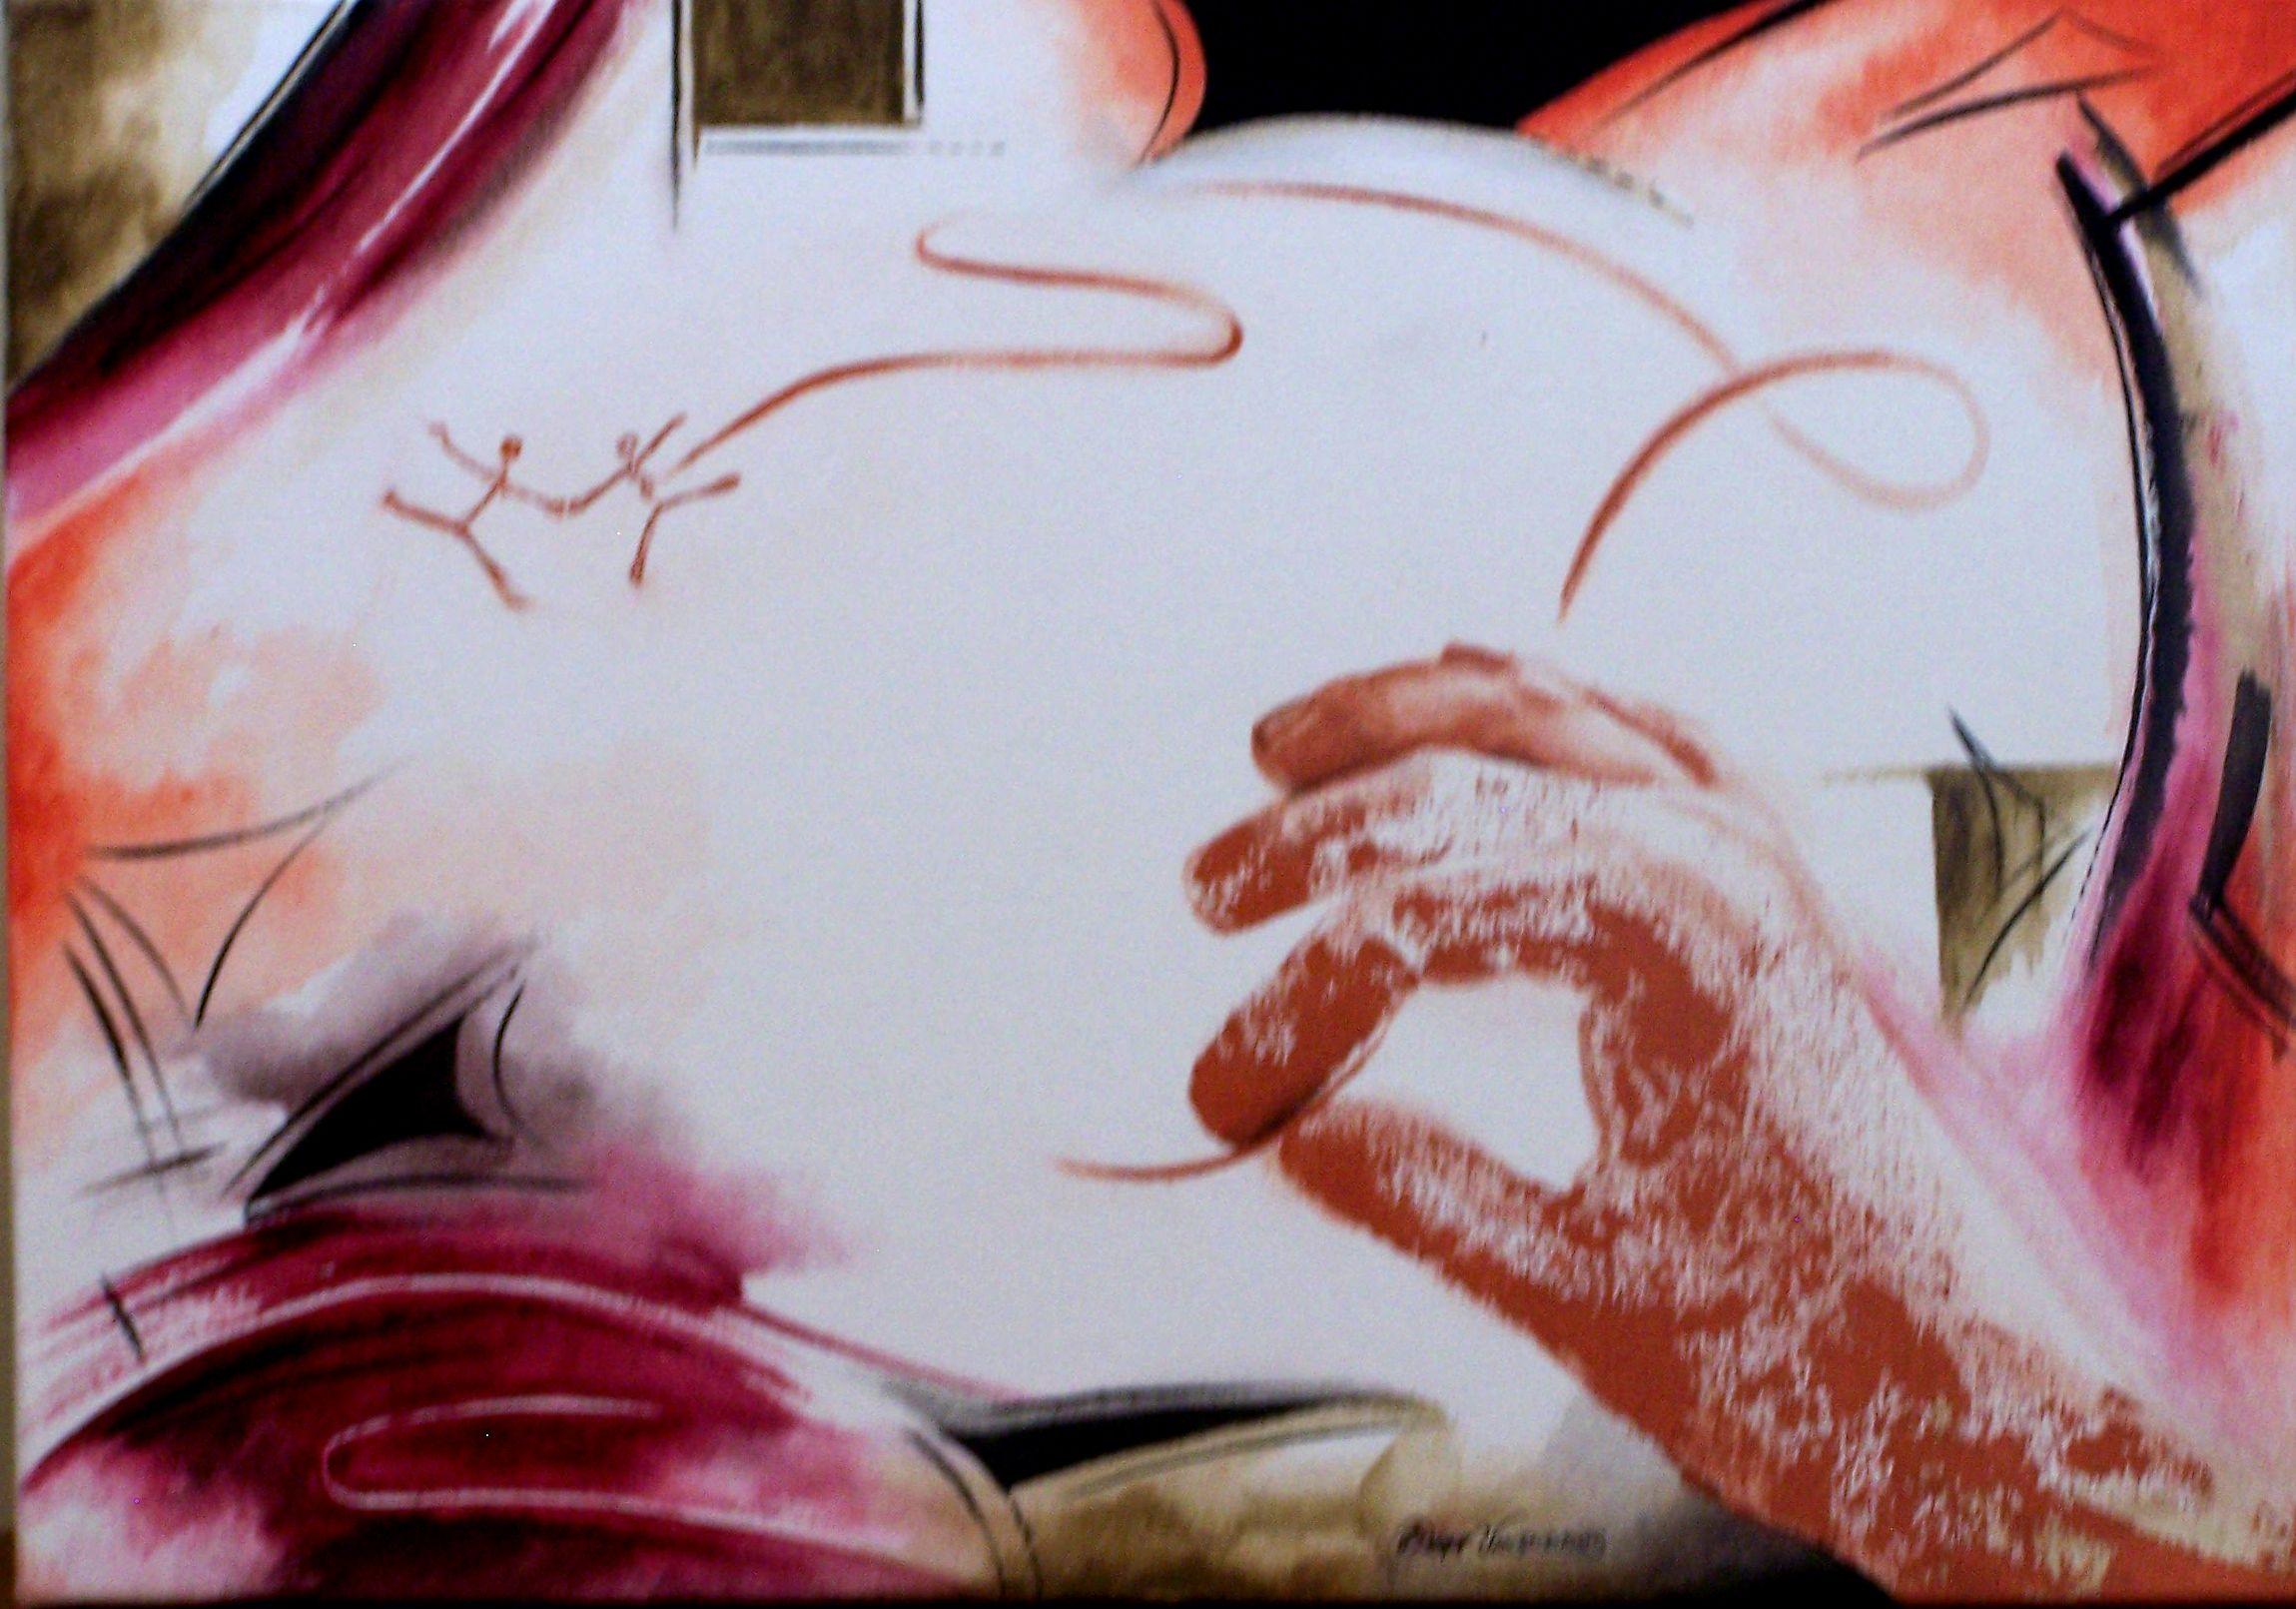 El Hilo Artes Plasticas Y Visuales Licenciatura En Artes Imagen De Estudiante